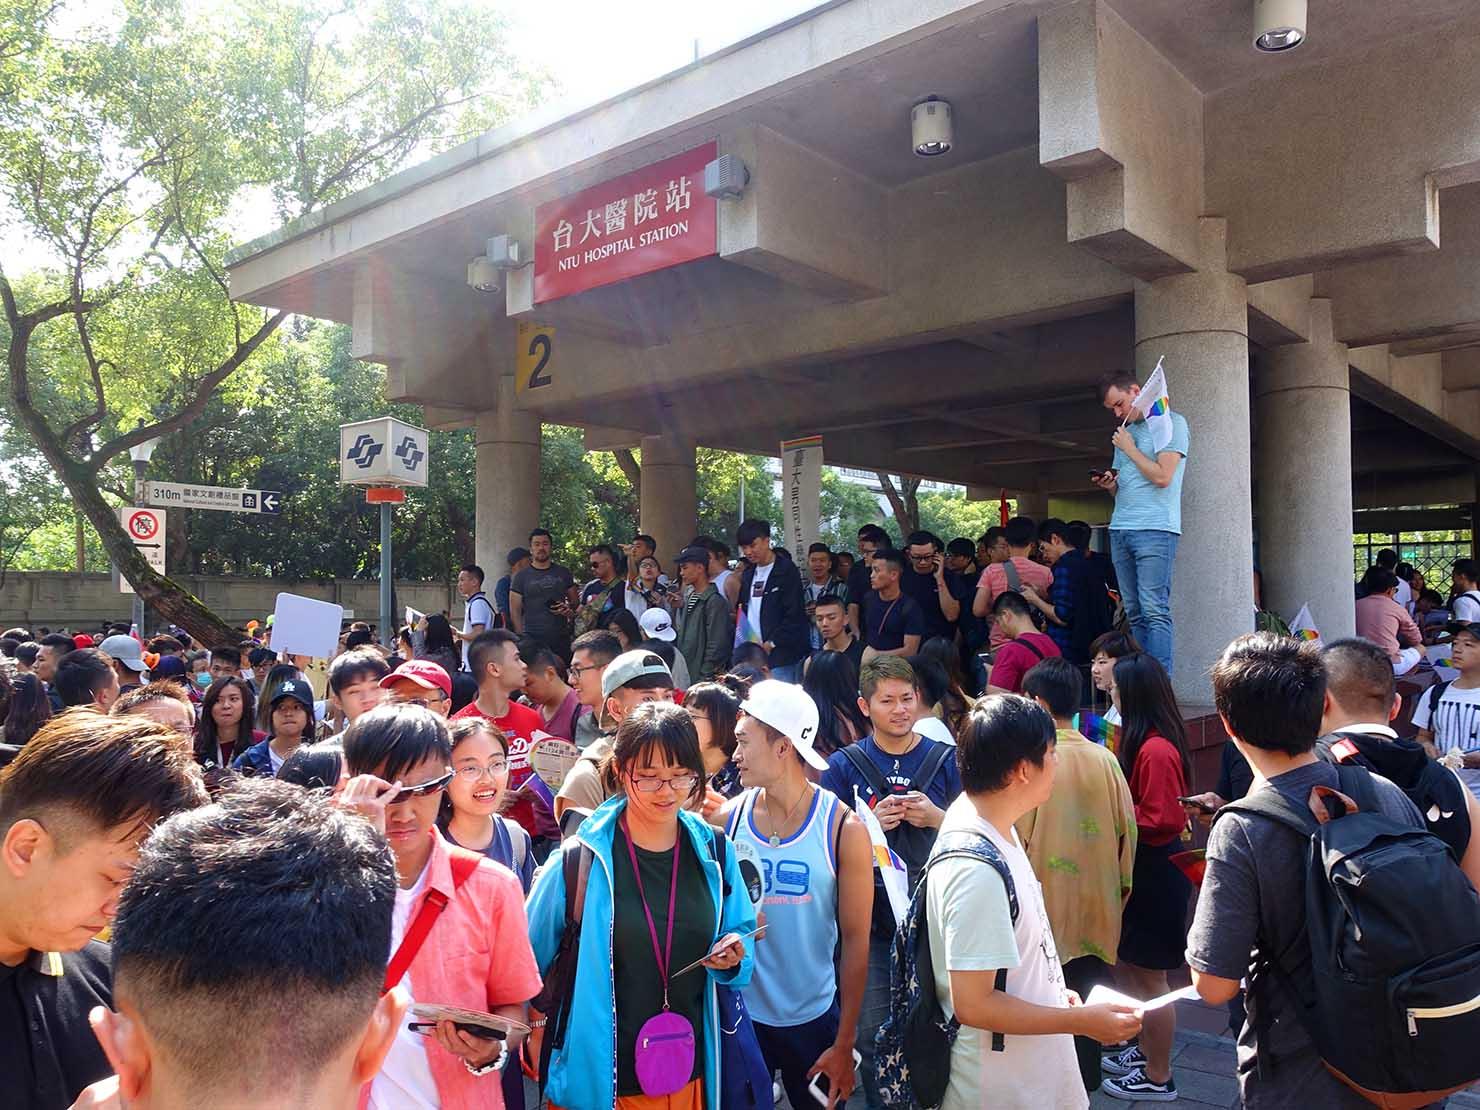 台灣同志遊行(台湾LGBTプライド)2018当日の台大醫院駅前